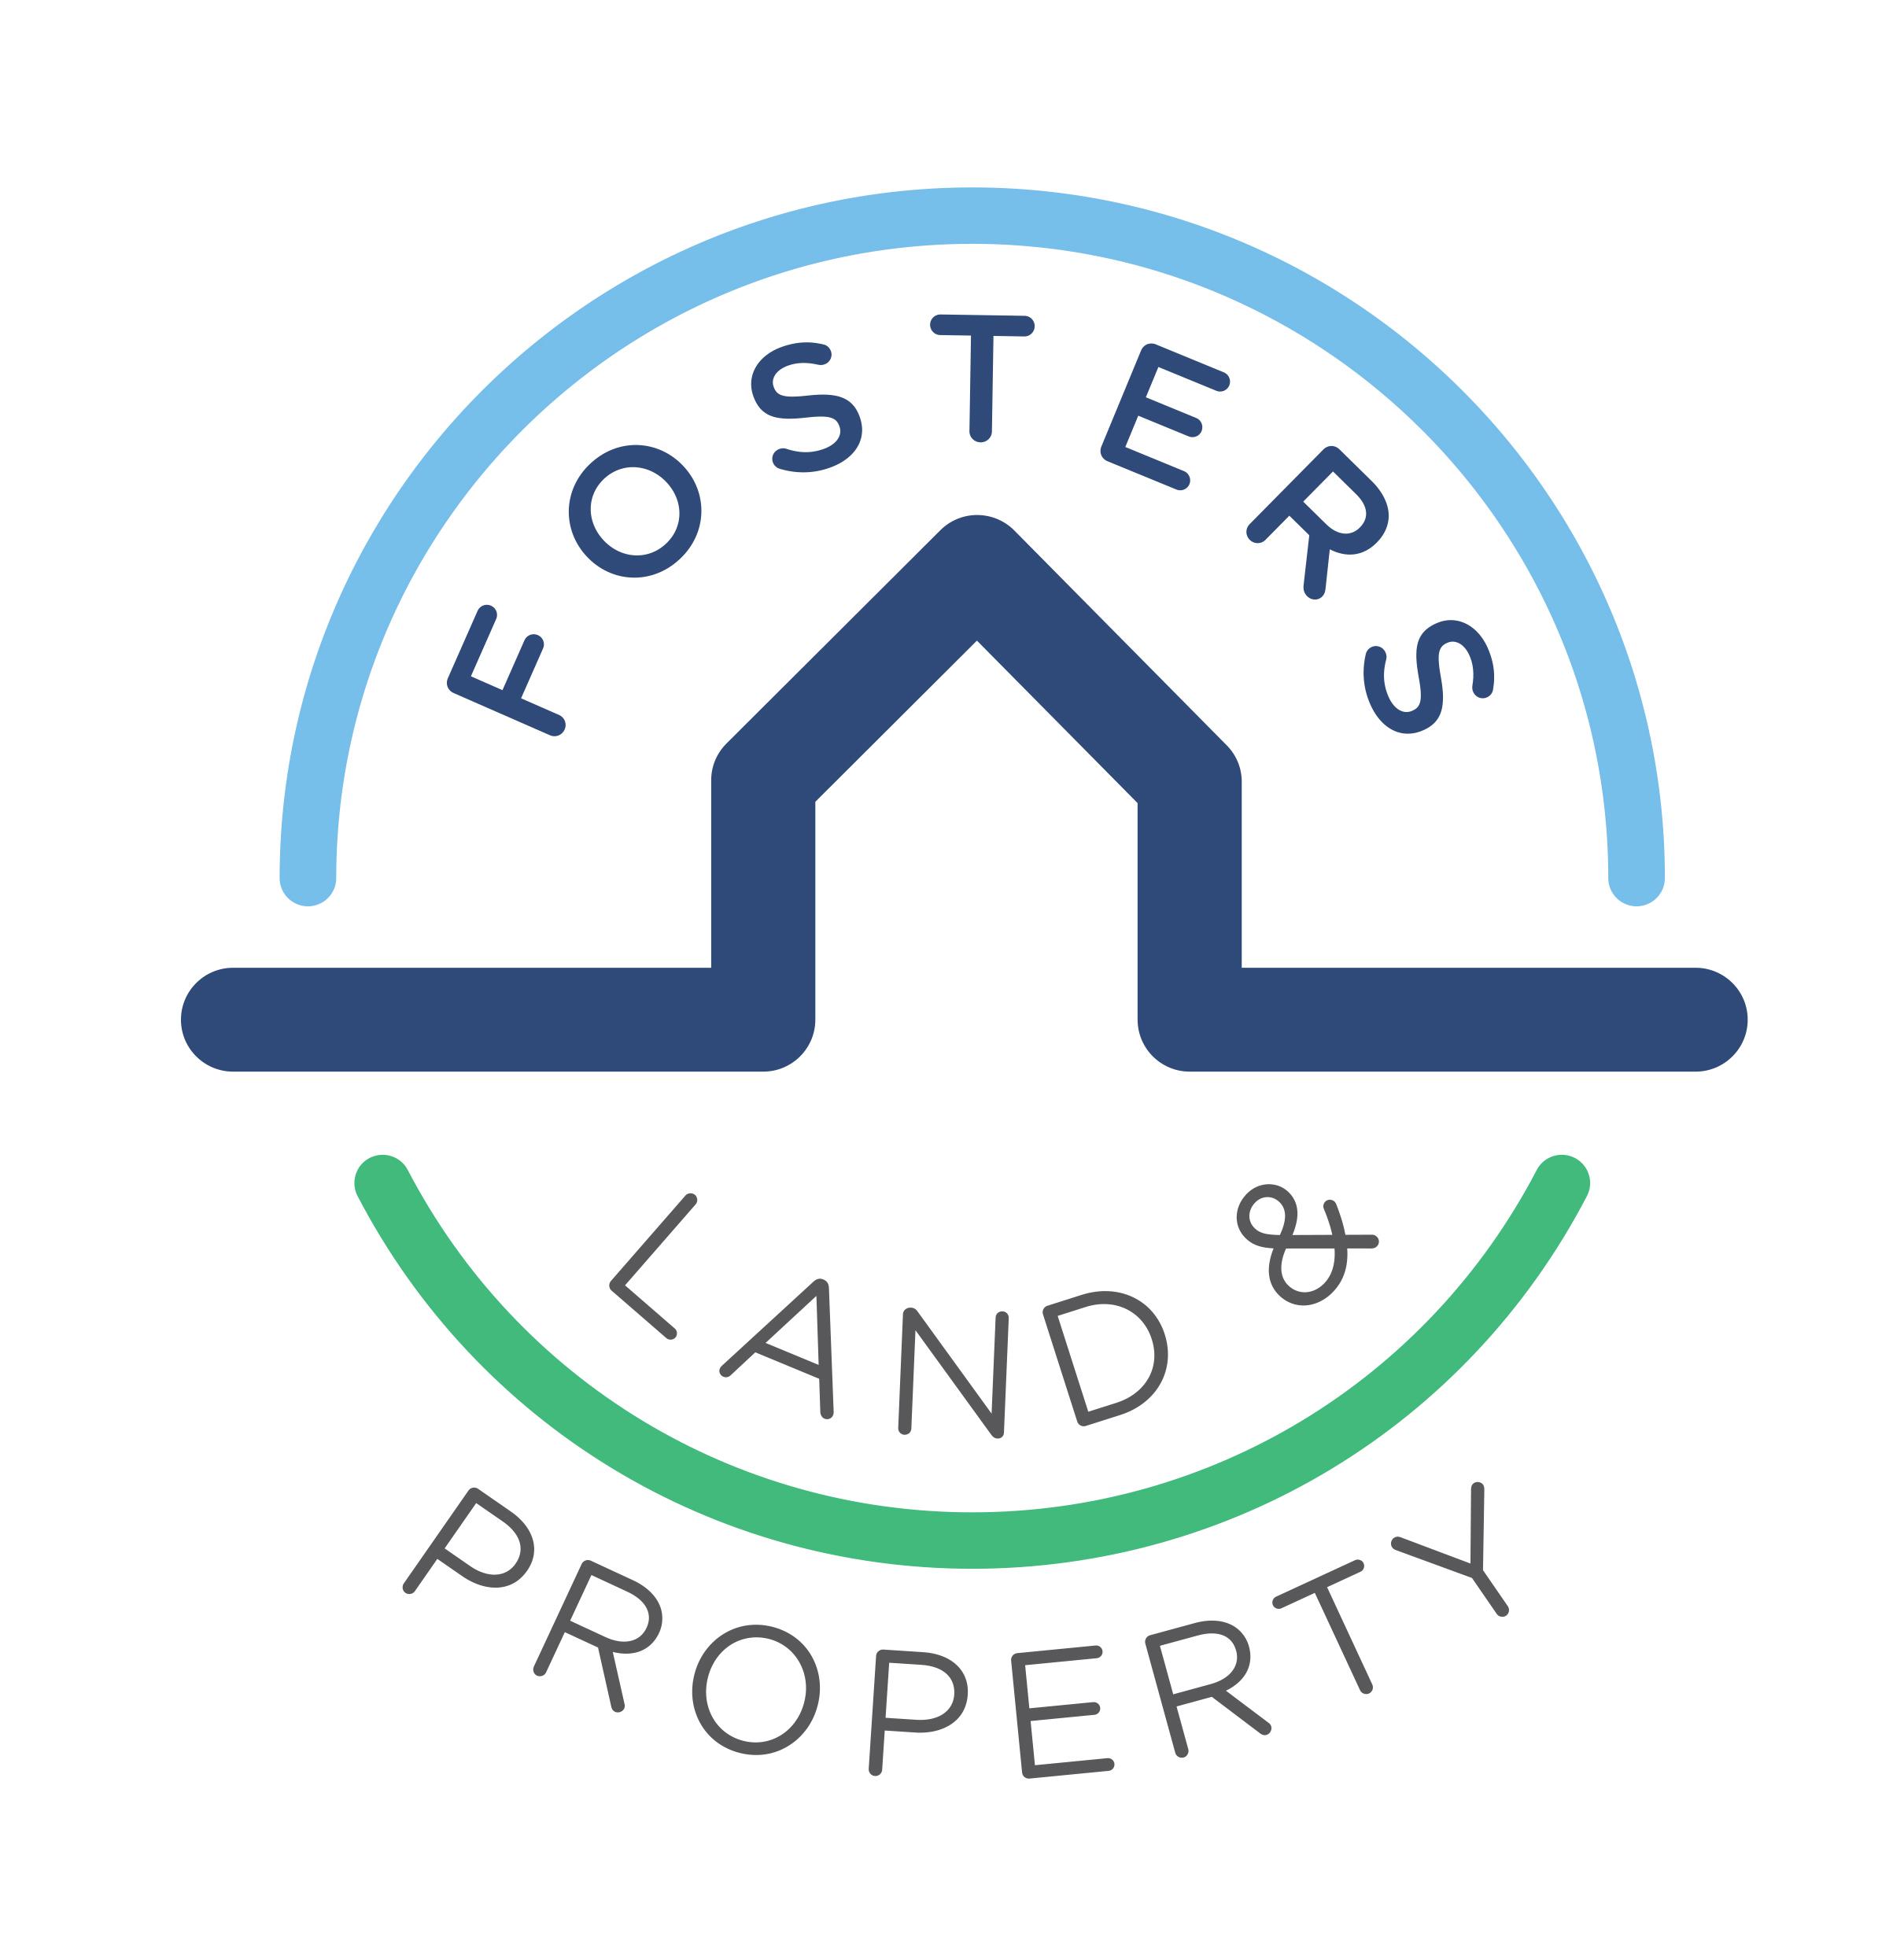 Fosters_Logo.jpg